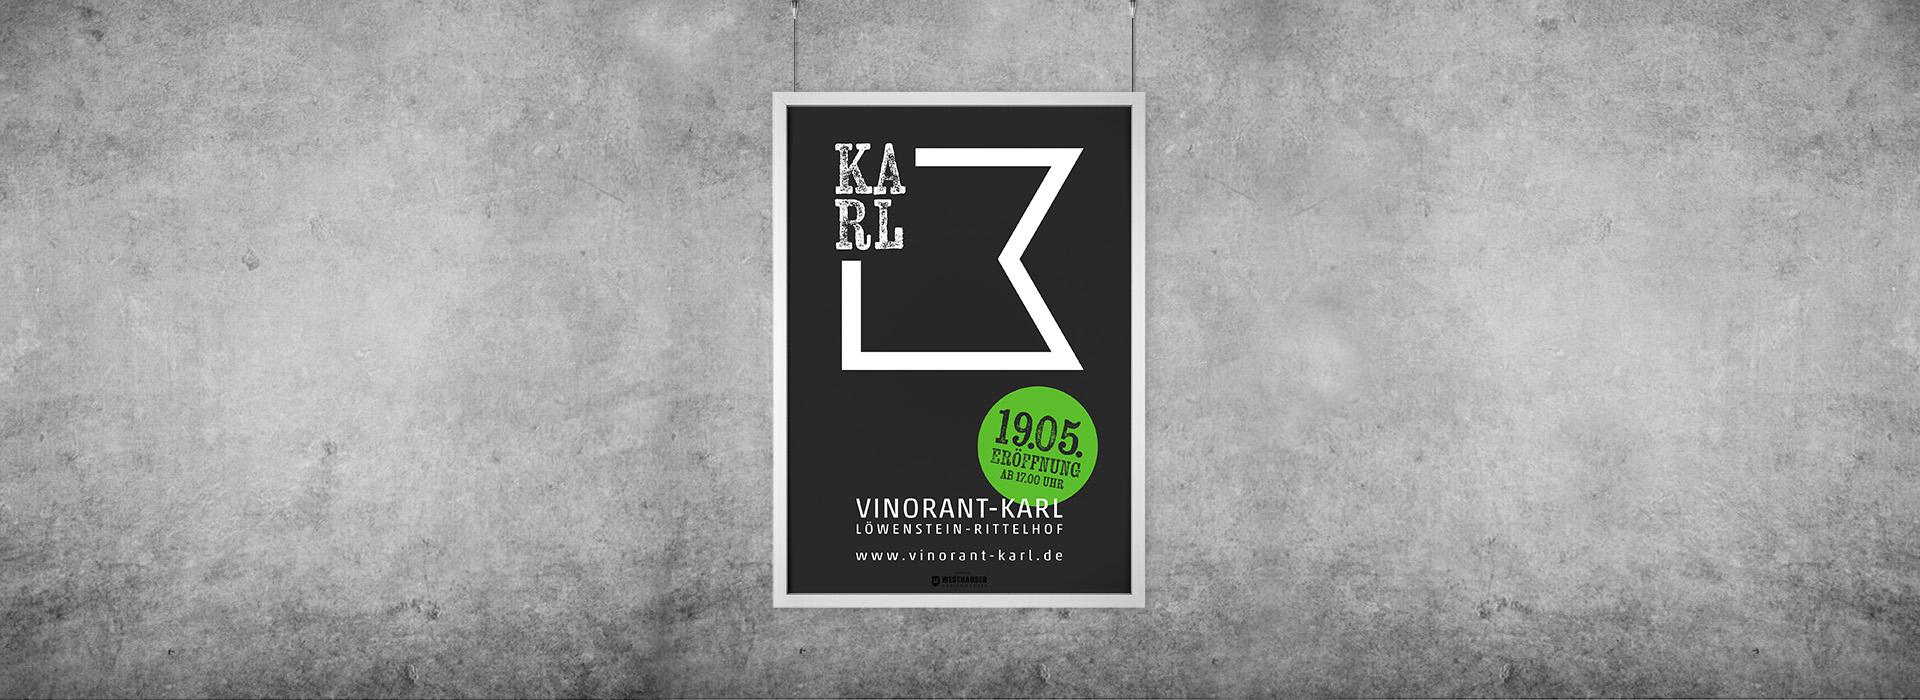 Plakat für Vinorant Karl